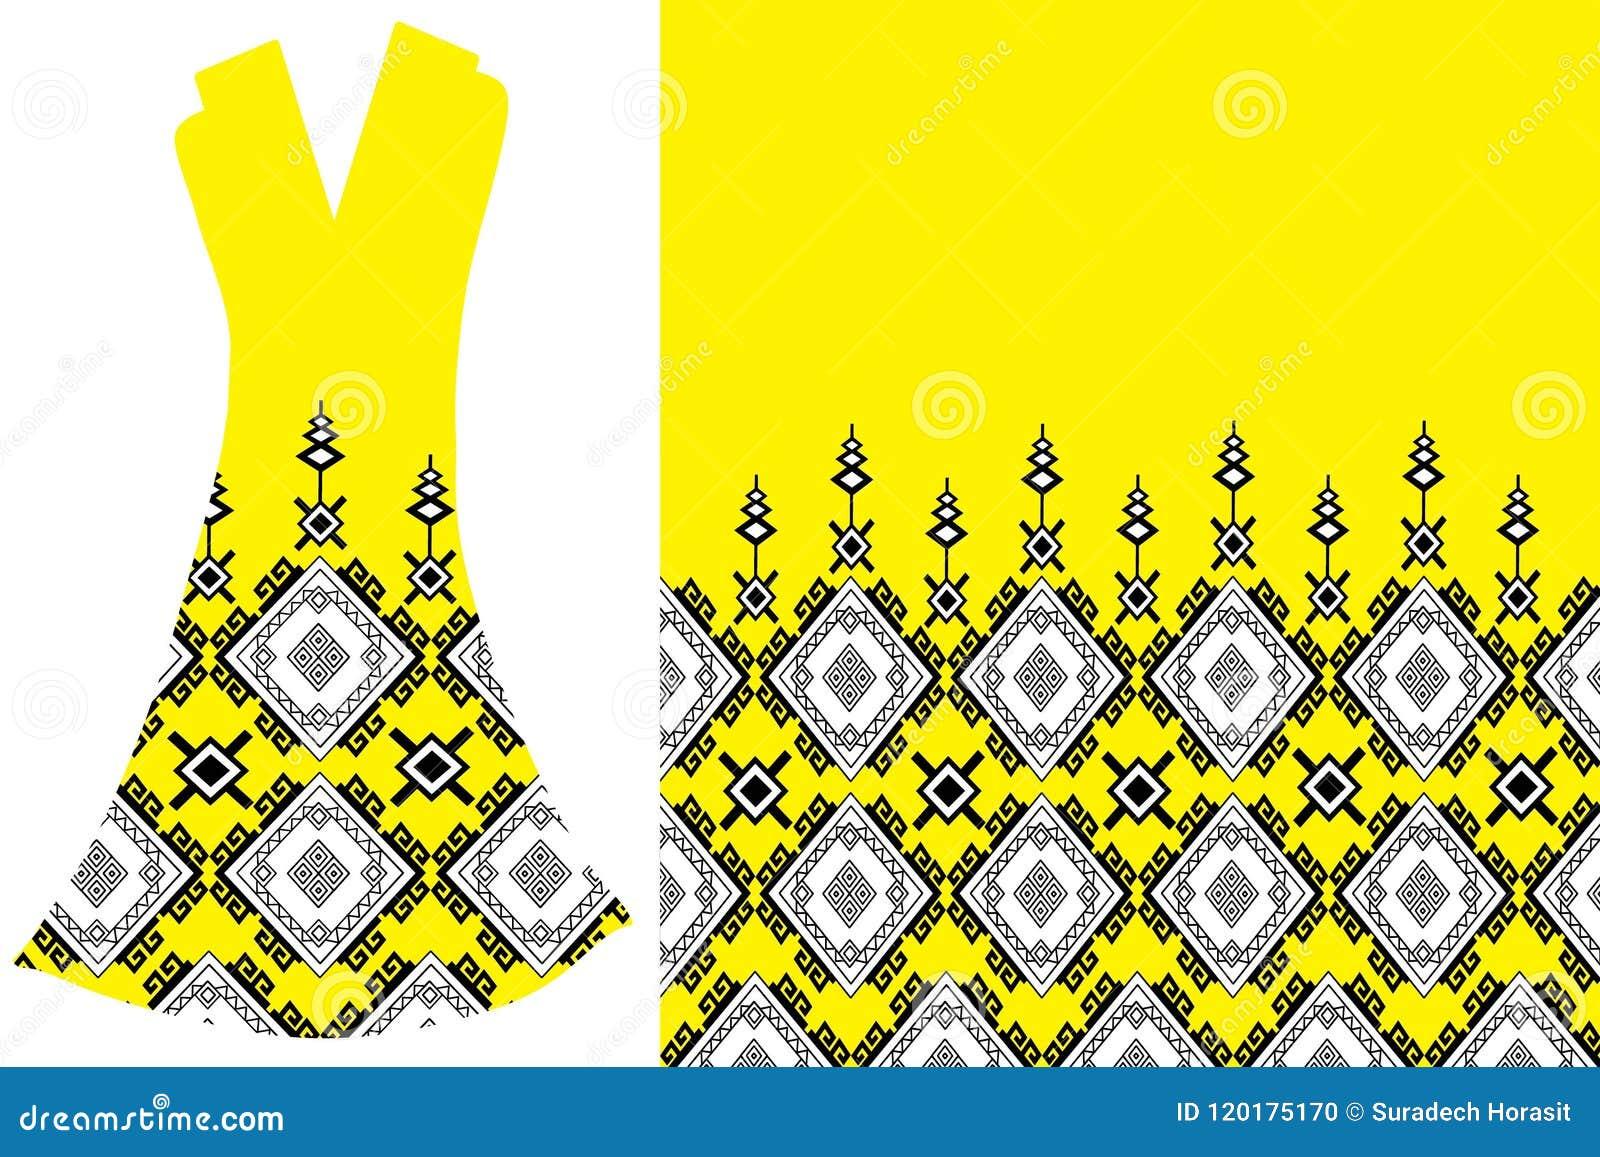 Etniczna szyi broderia dla mody i innych uses w wektorze